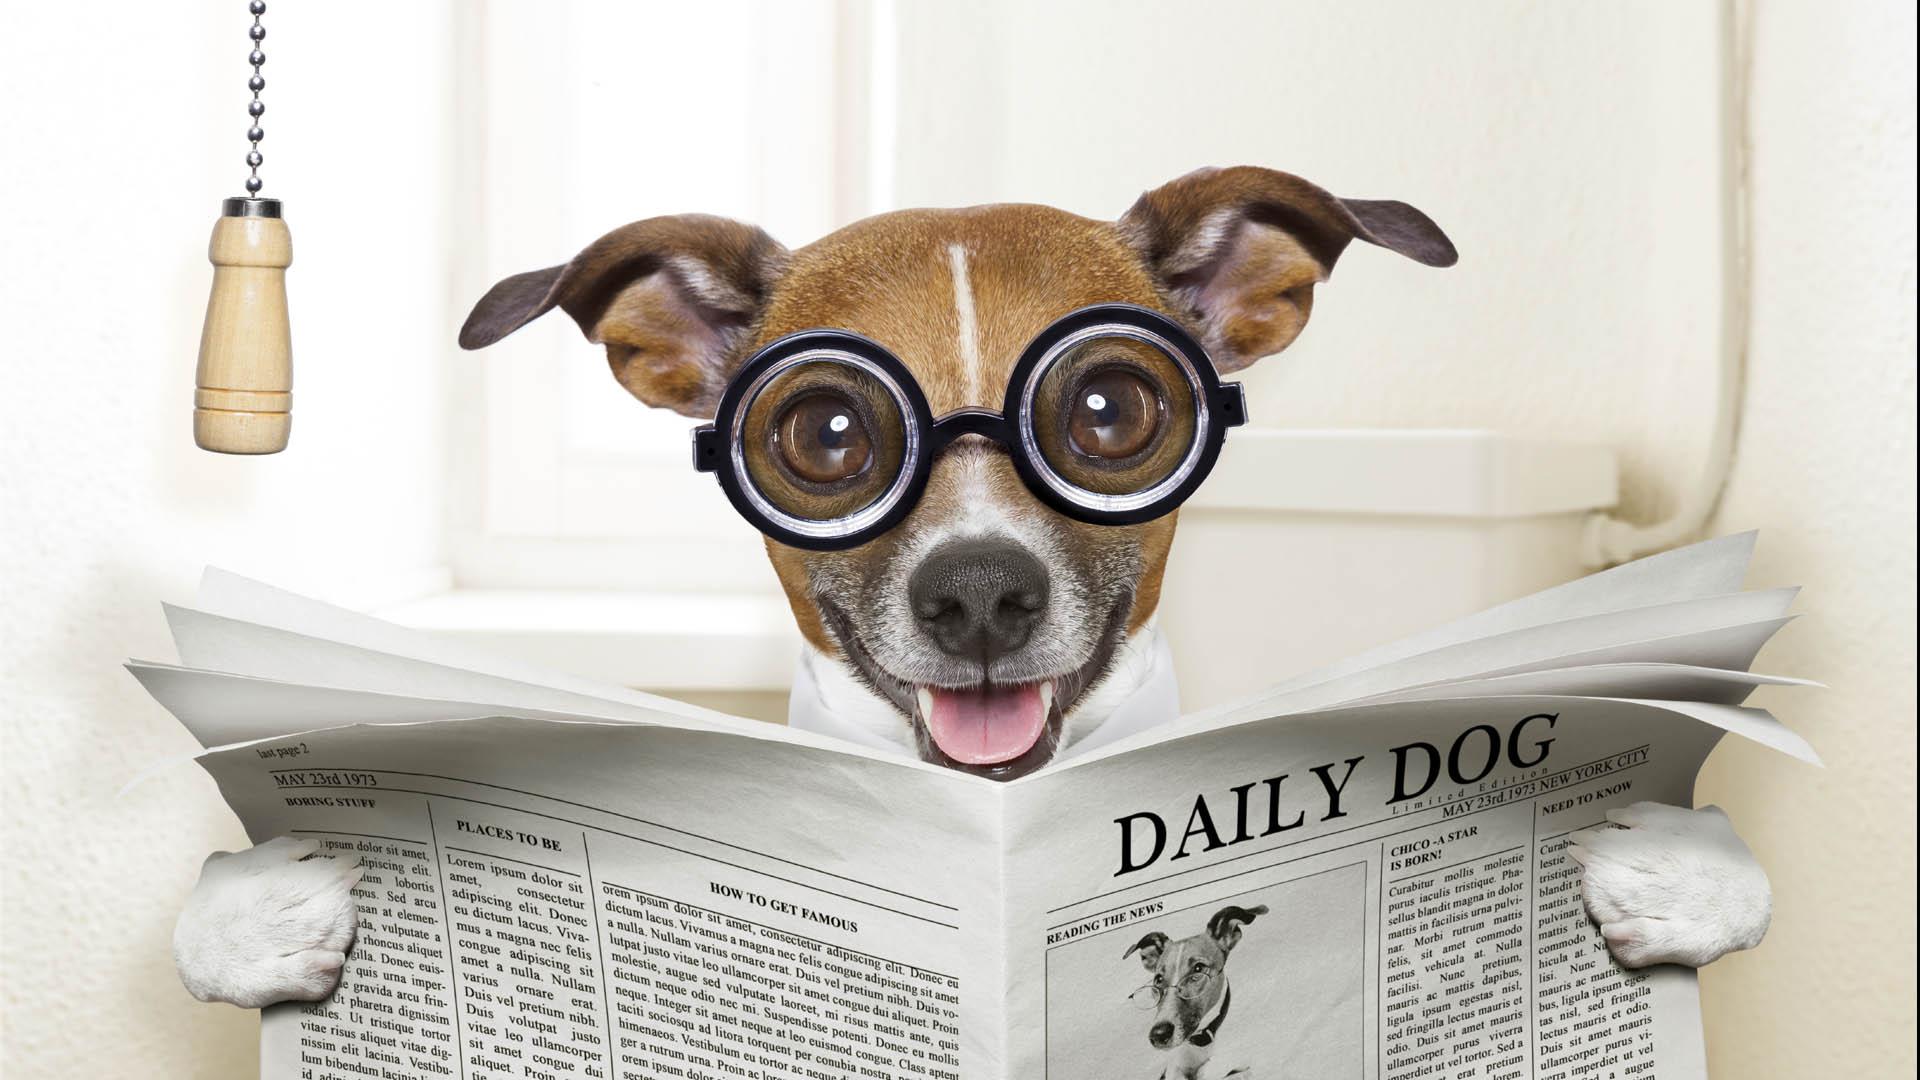 Los entrenamientos y rutinas deben comenzar después de los cuatro meses de vida del cachorro